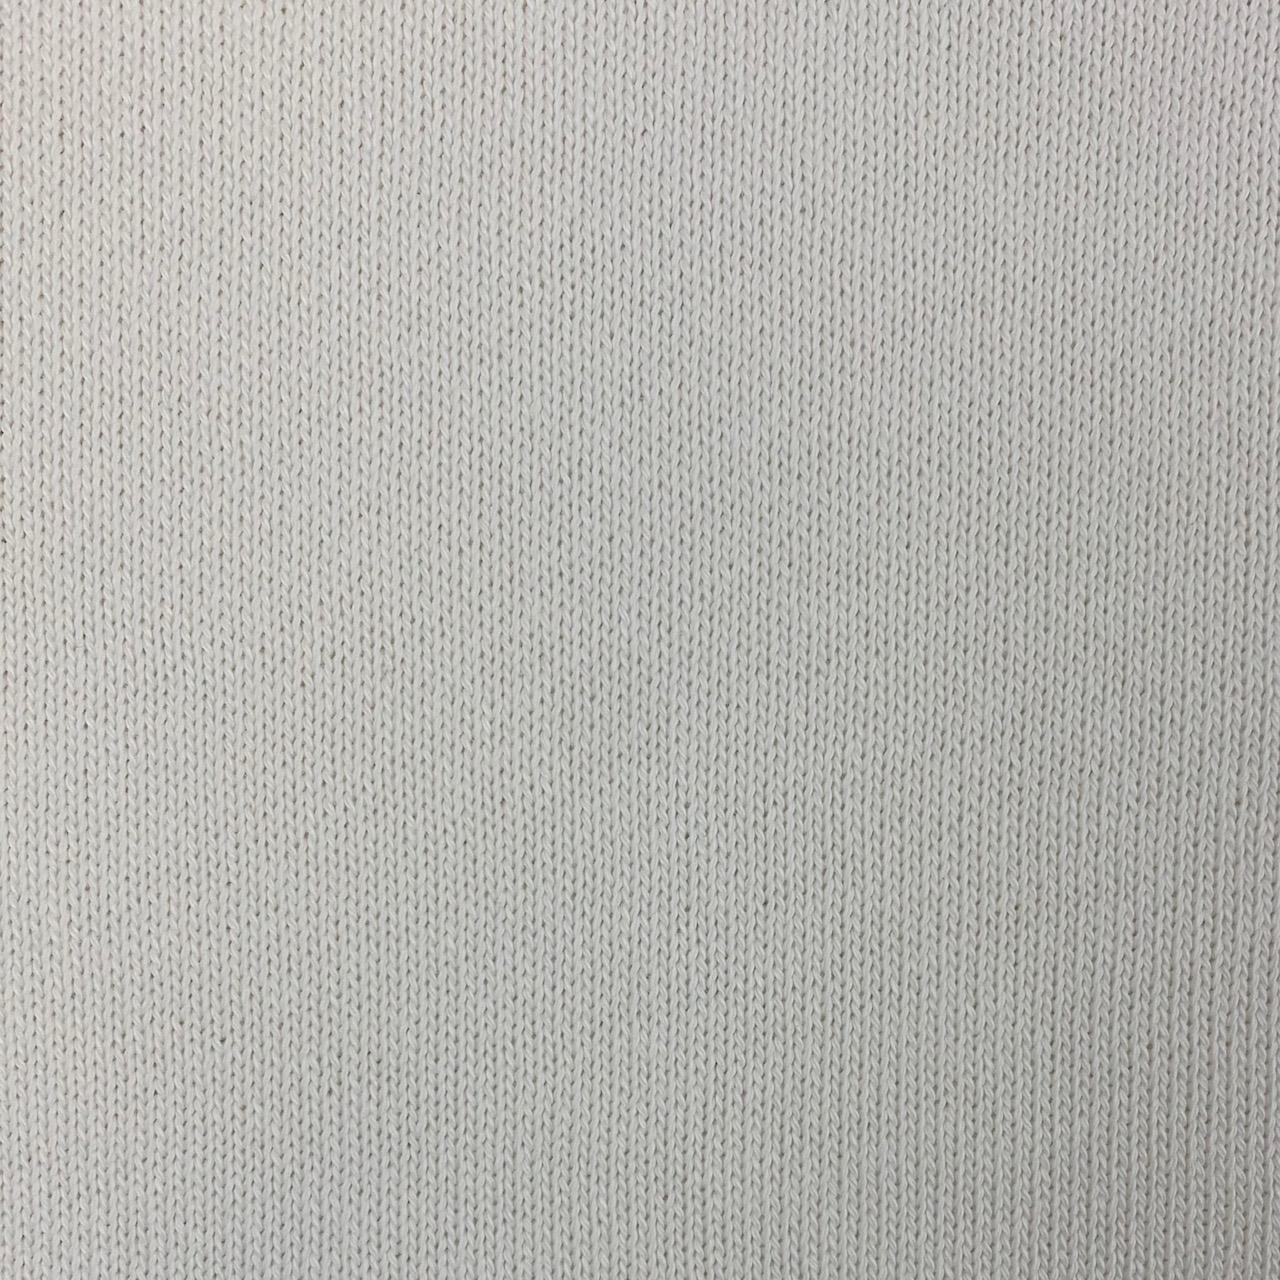 Feiner Strickstoff, Baumwolle wollweiß. Art. 4199-51